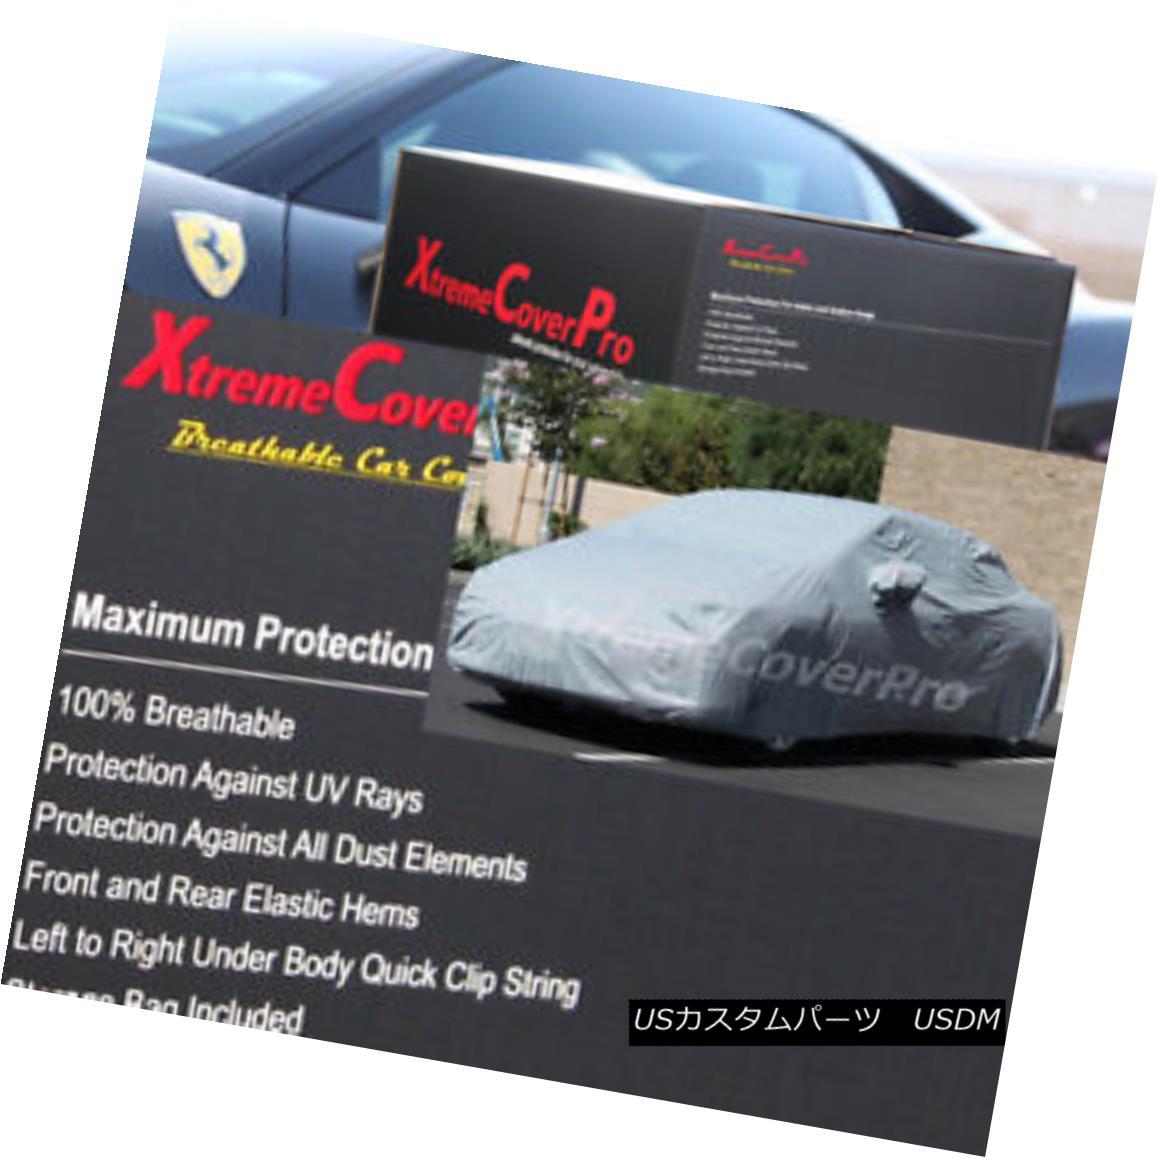 カーカバー 2010 2011 2012 Mazda Mazda3 4-Door Breathable Car Cover w/MirrorPocket 2010年2011年2012マツダマツダ3 4ドア通気性車カバー付きMirrorPocket